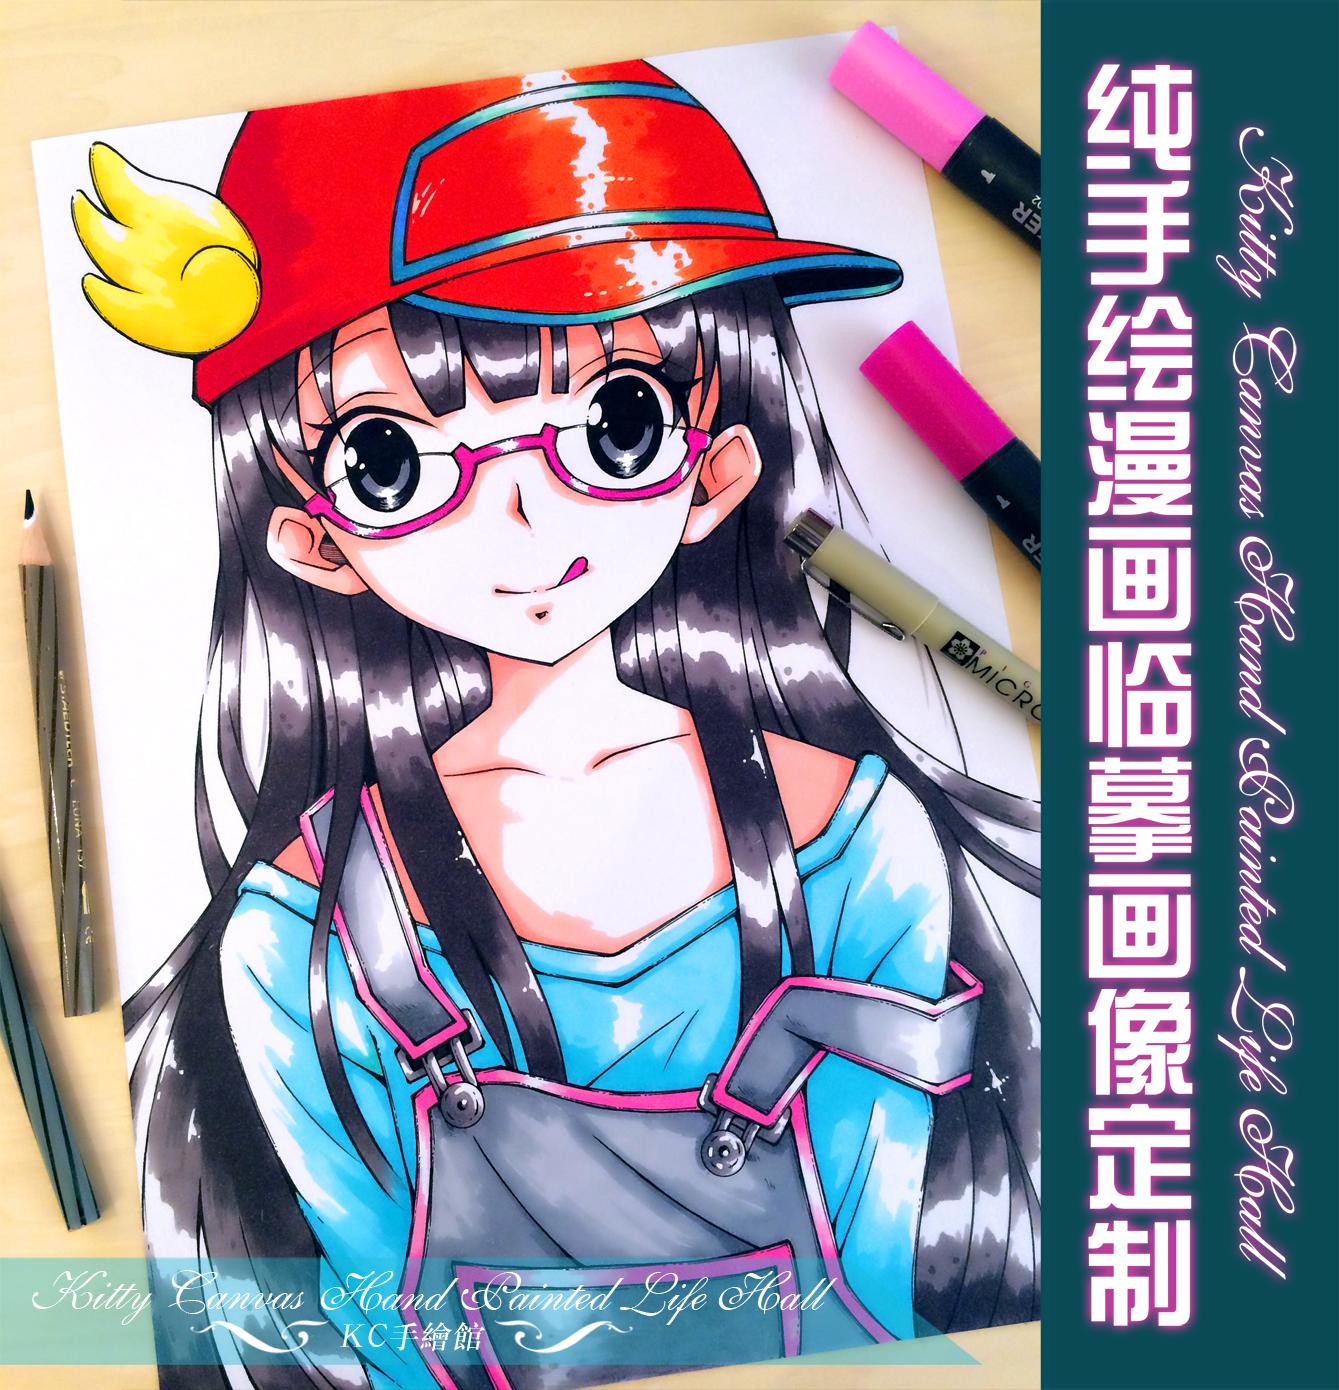 纯手绘动漫插画定制手绘漫画定制马克笔彩绘漫画卡通角色临摹包邮